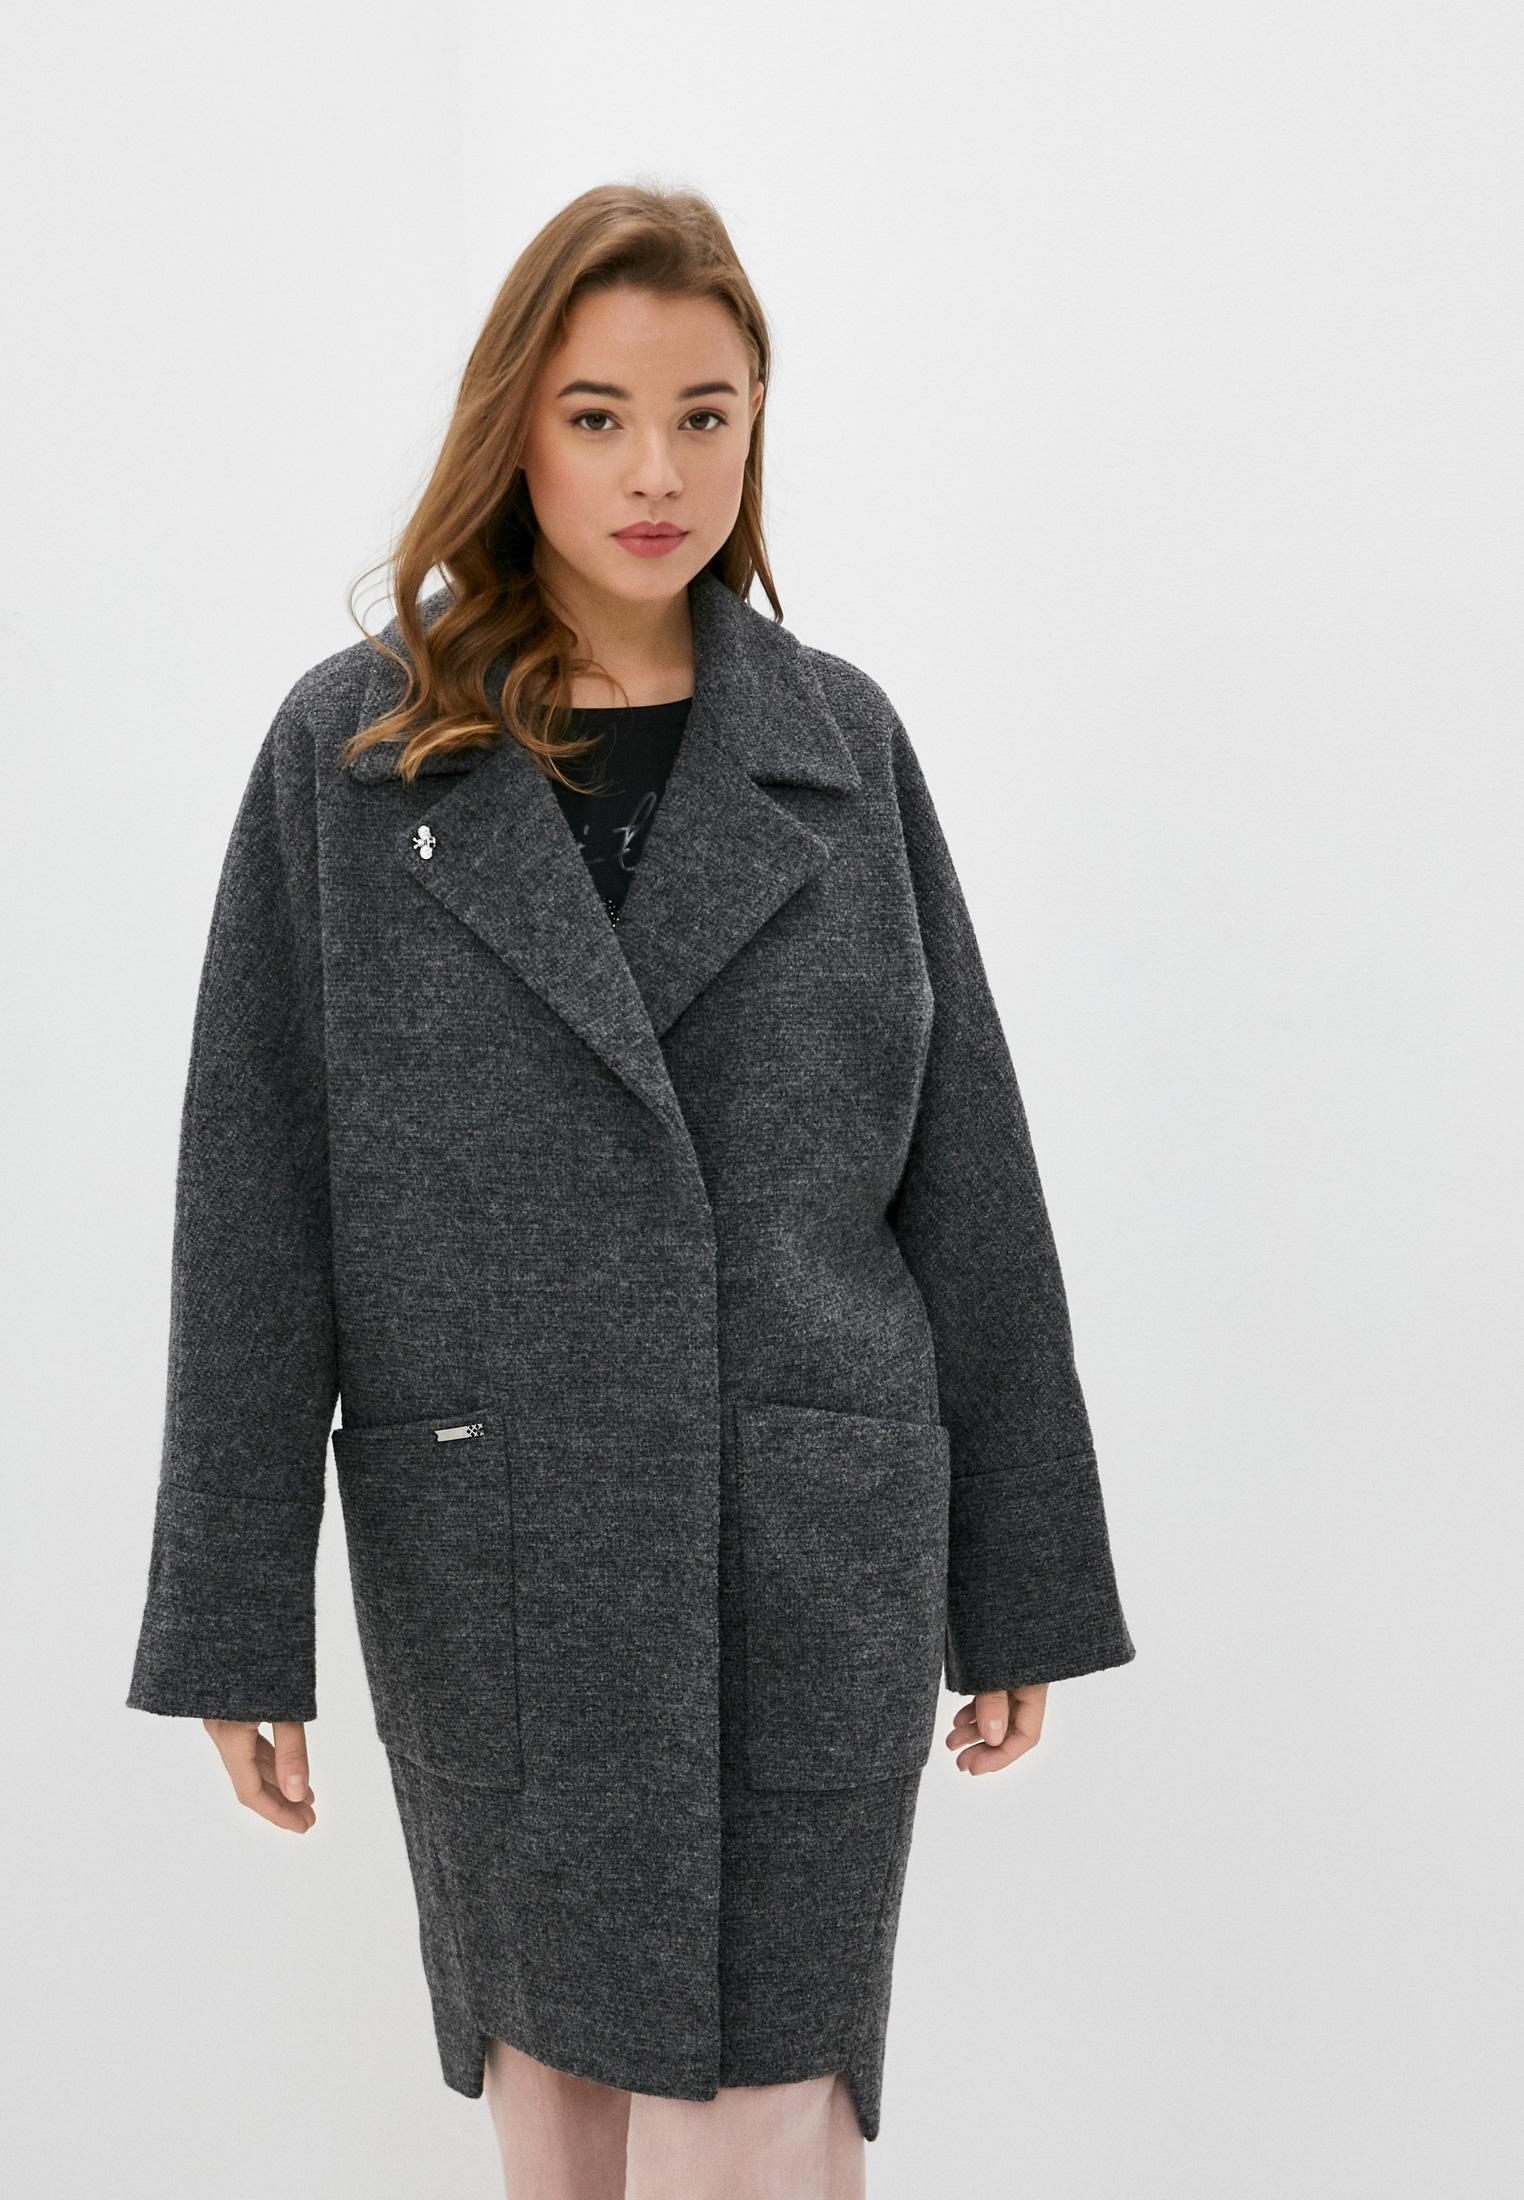 Женские пальто Moda Sincera MS605-5